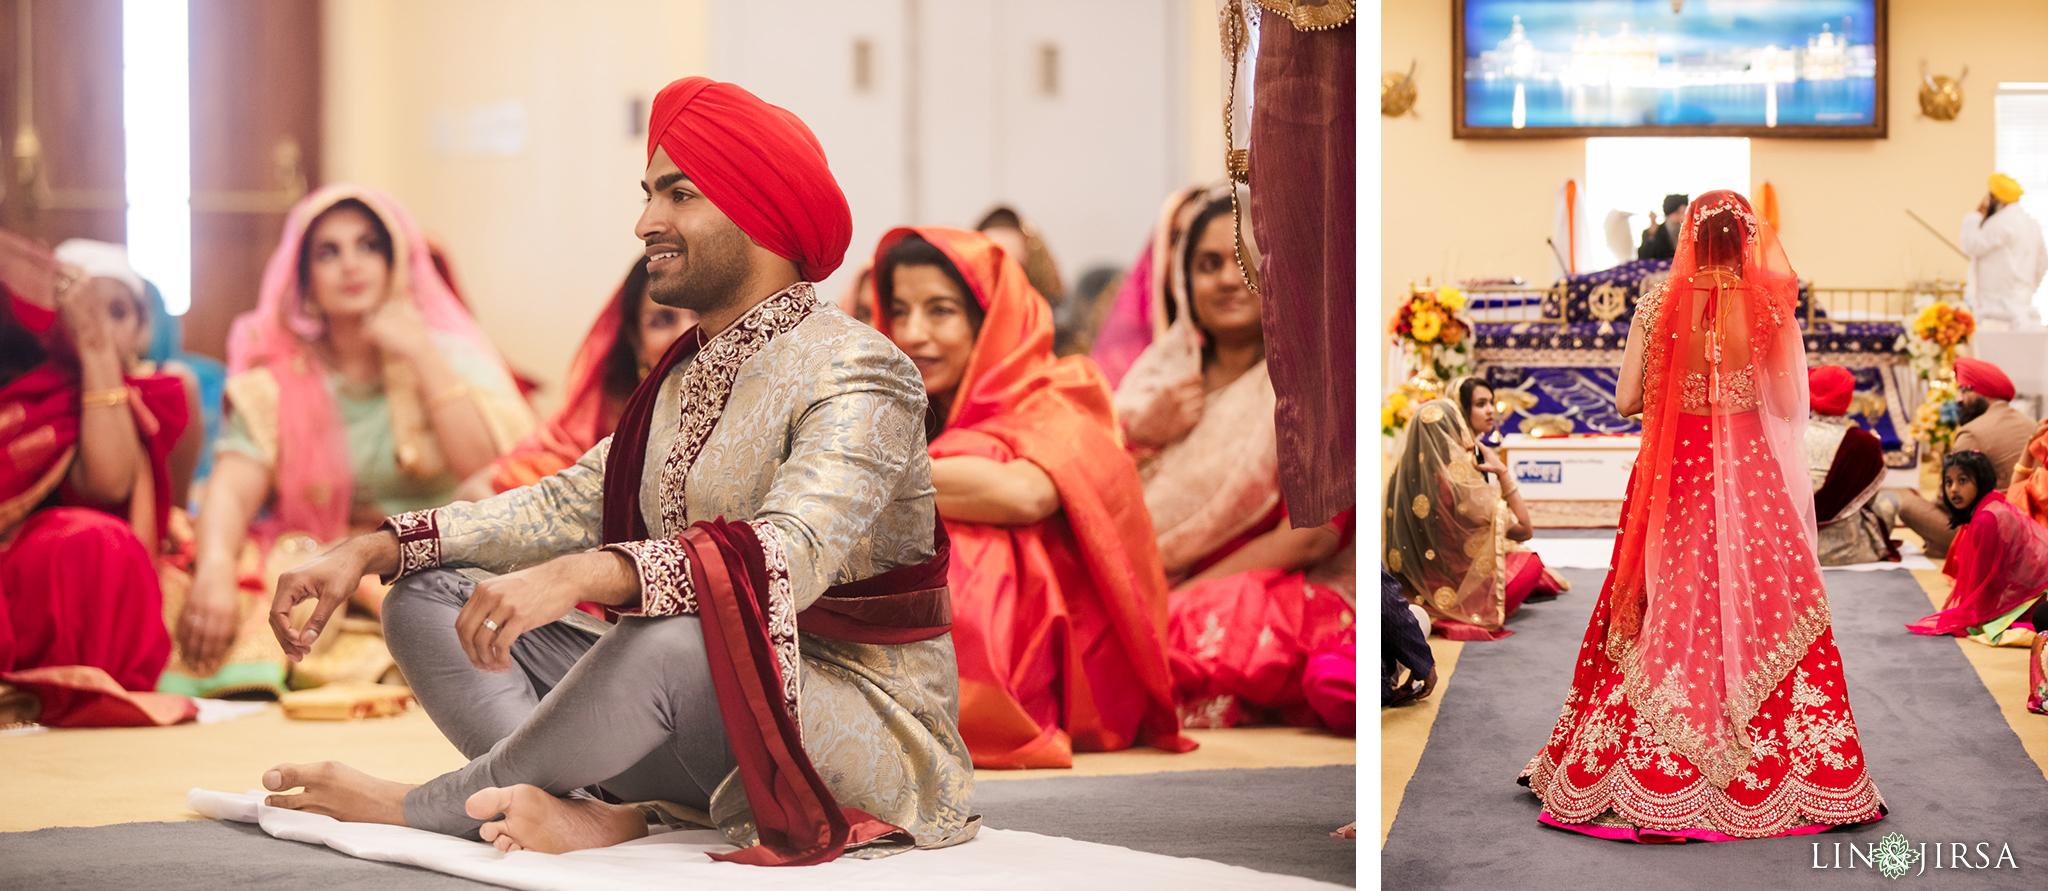 22 Sikh Gurdwara San Jose Punjabi Indian Wedding Photography